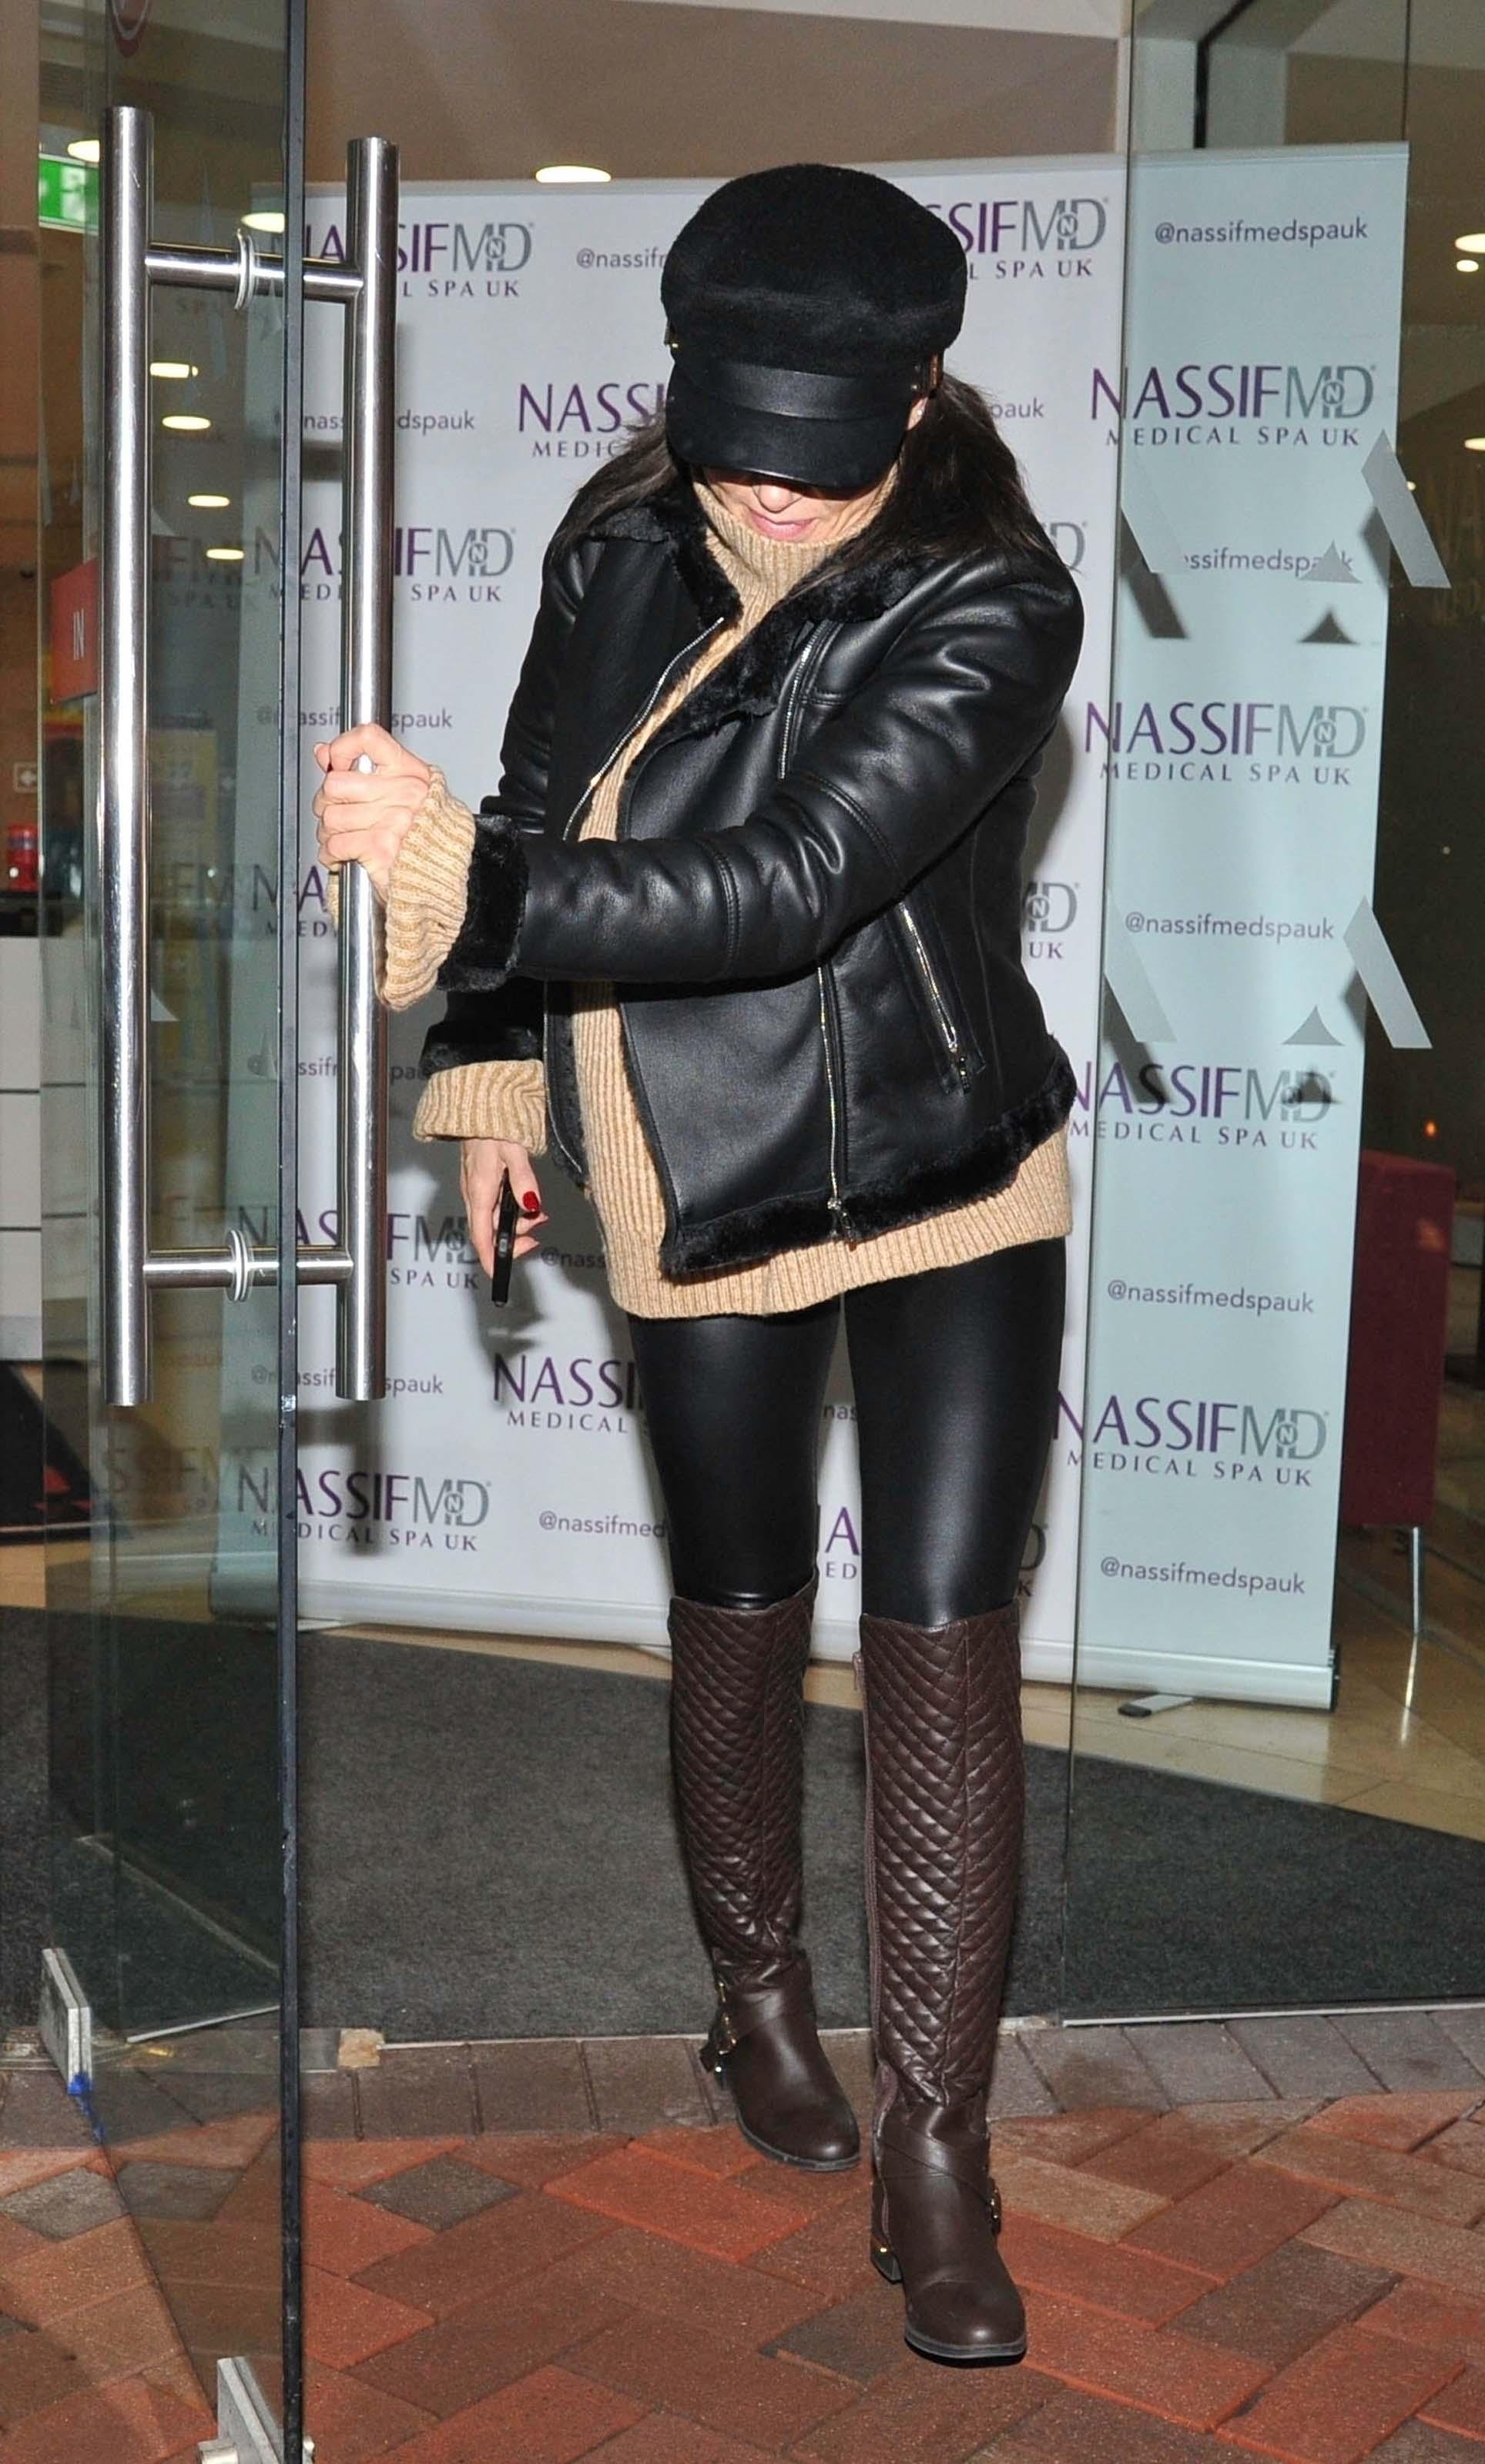 Faye Brookes at NassifMD Medical Spa on Mediacity